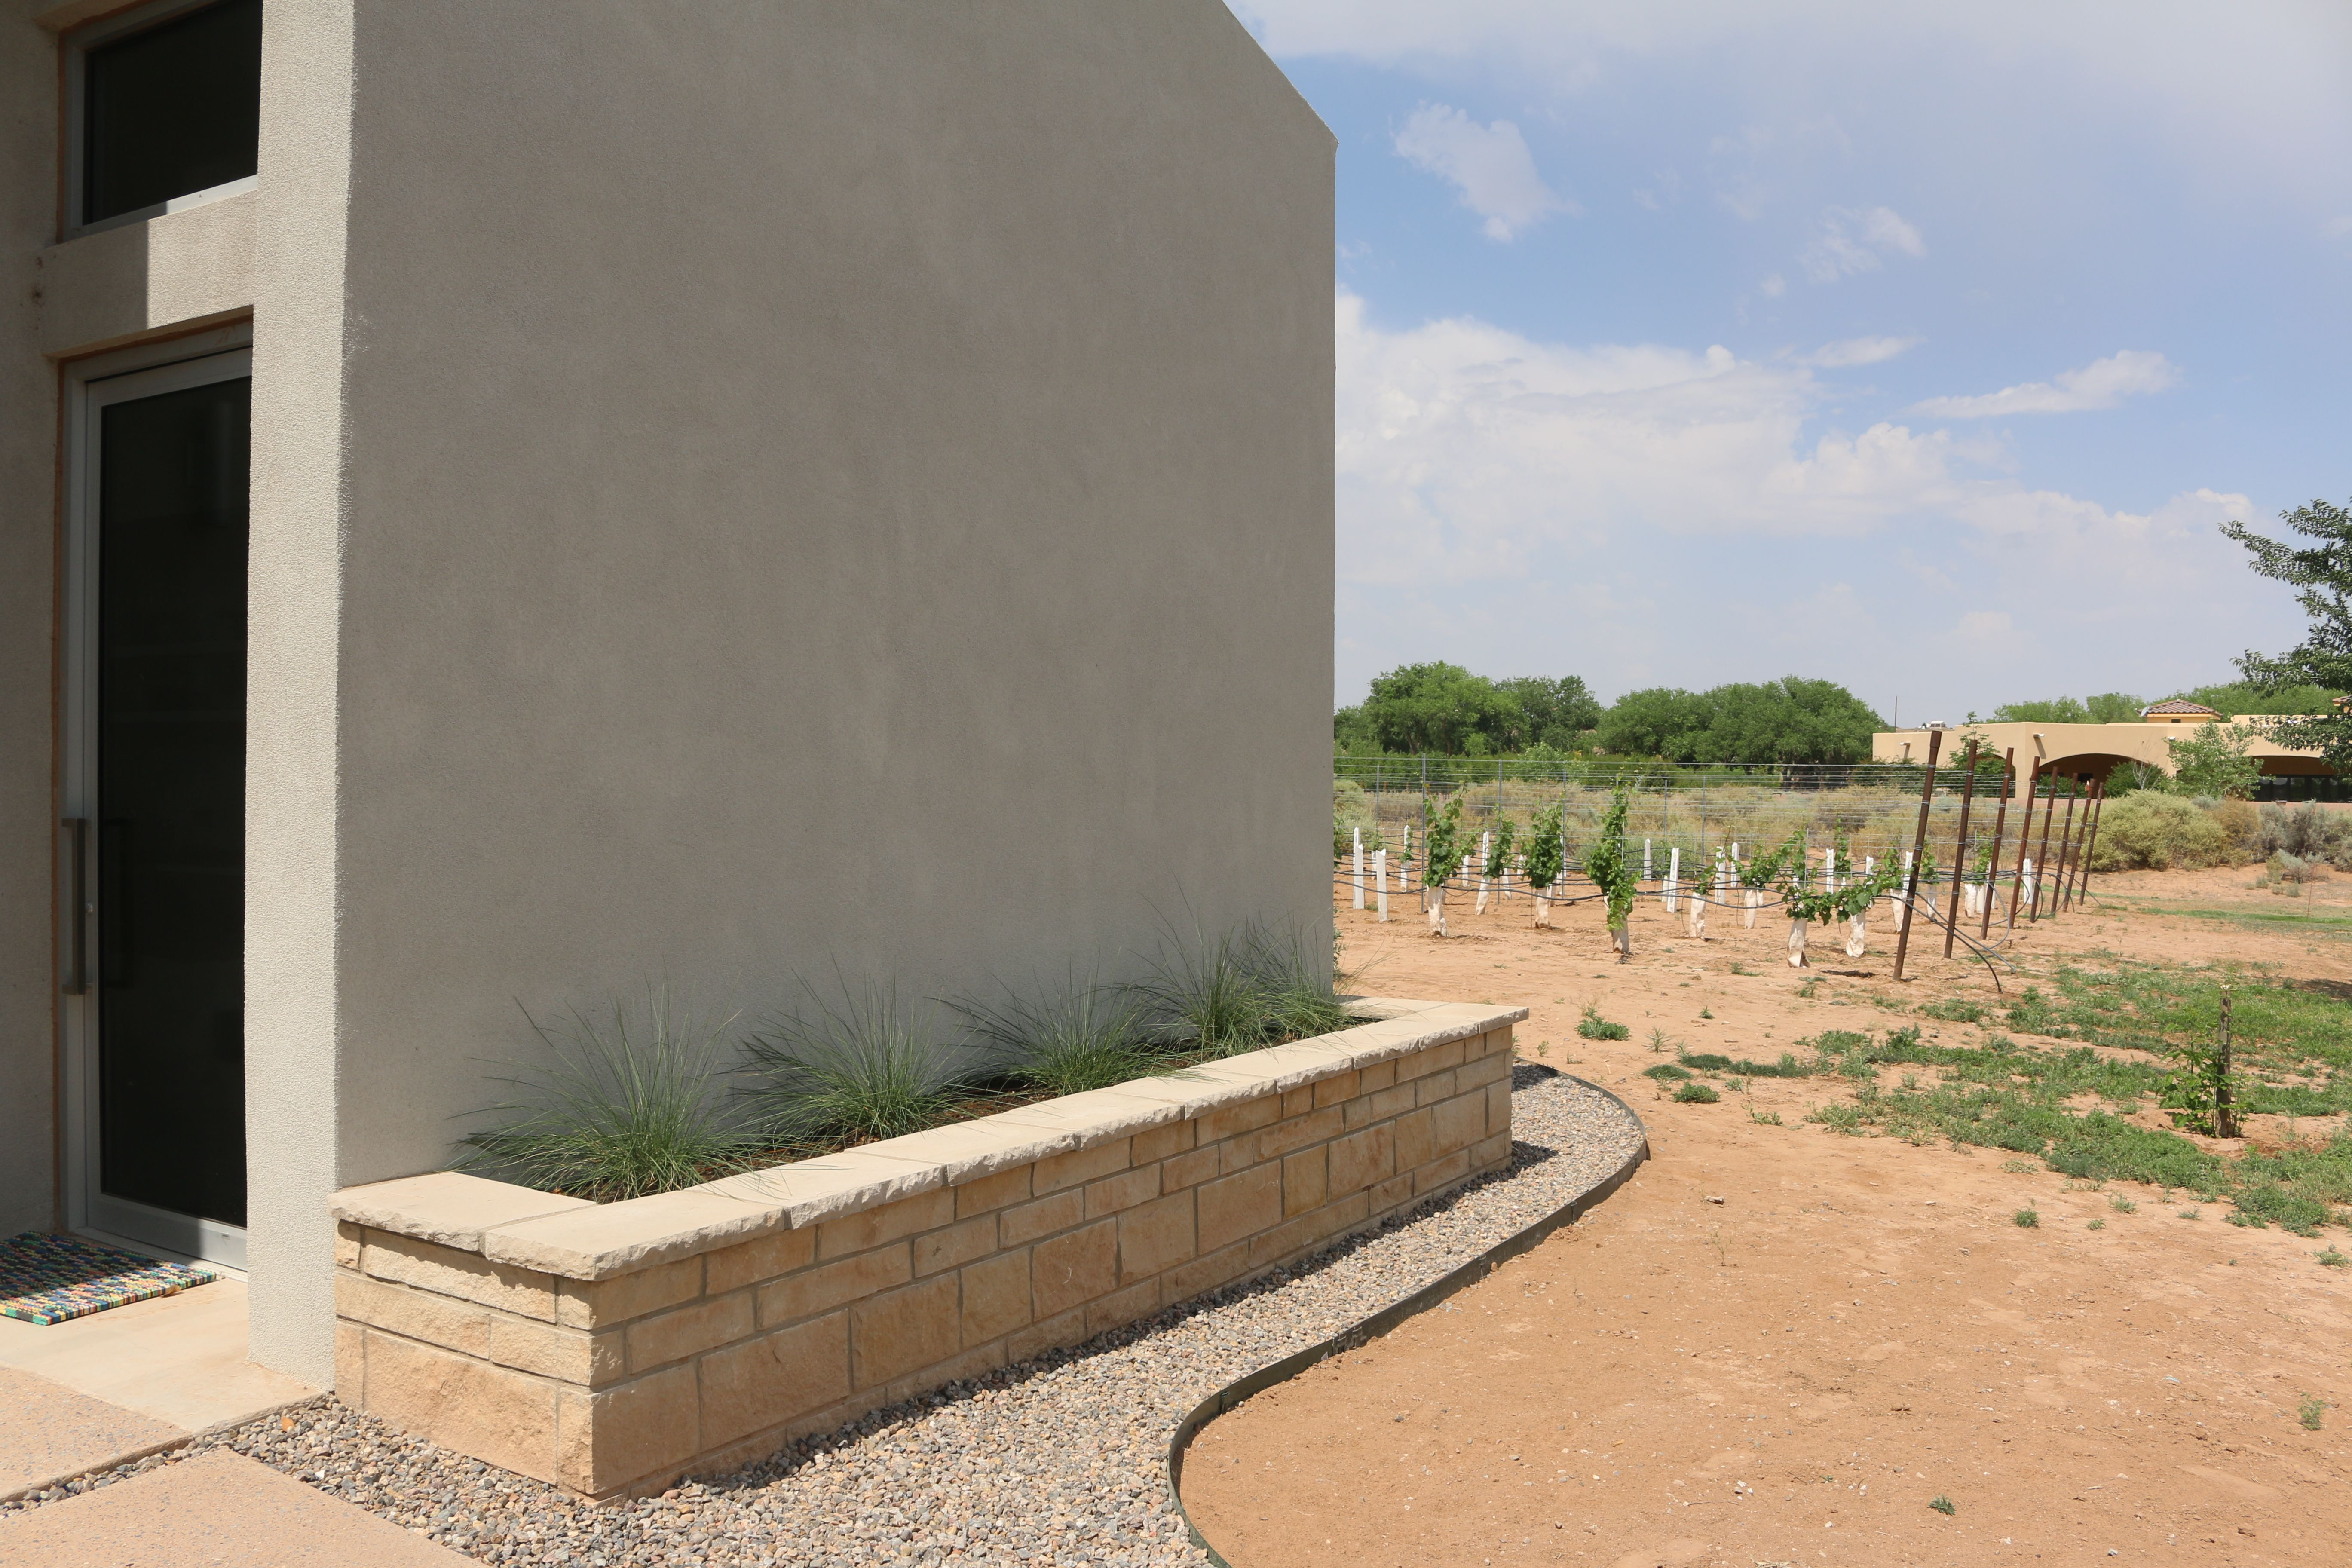 Raised Stone Veneer Planter In 2020 Stone Veneer Planters Stucco Walls